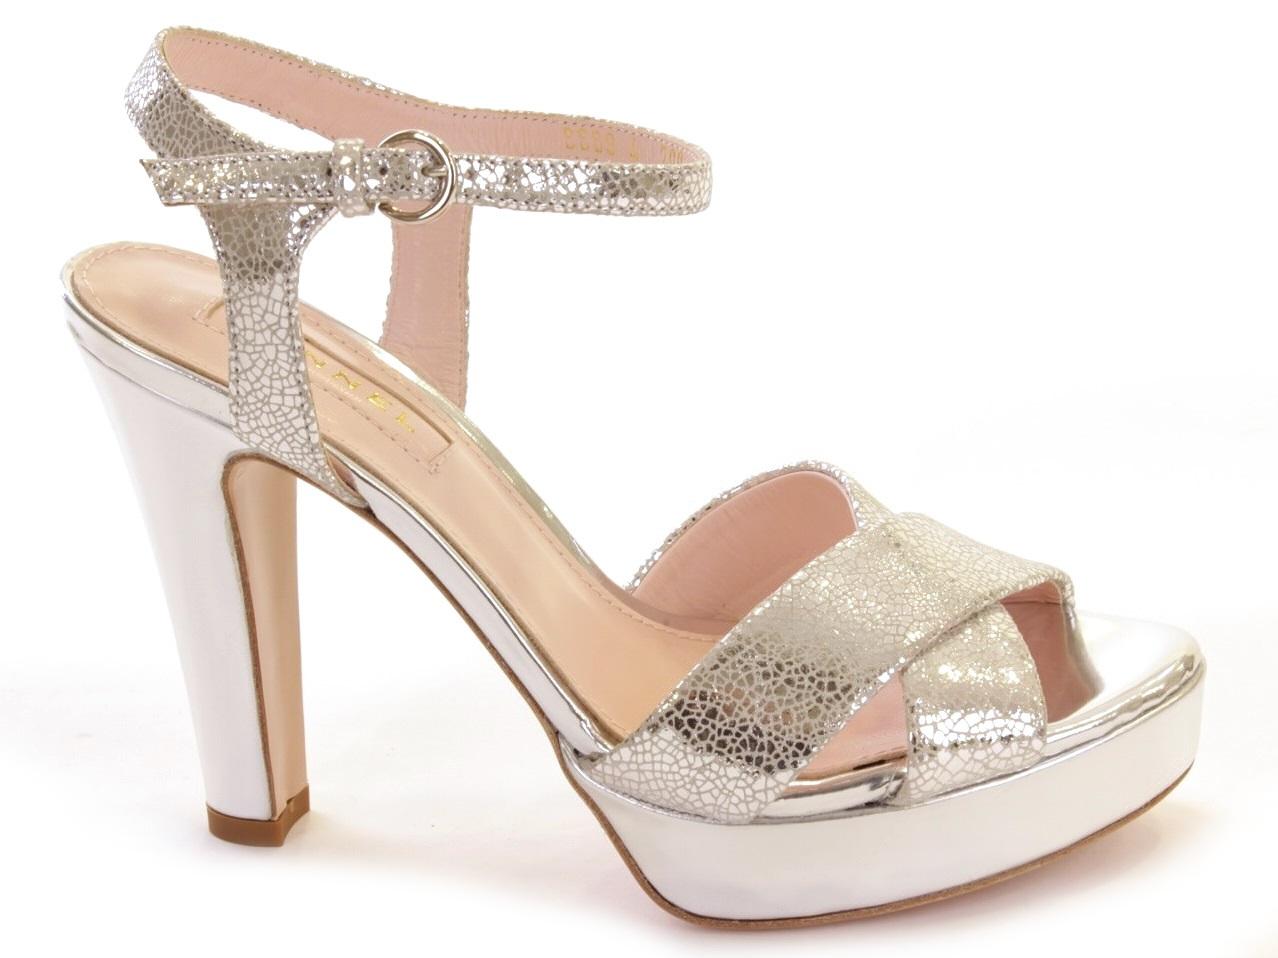 Heel Sandals Vannel - 001 8669